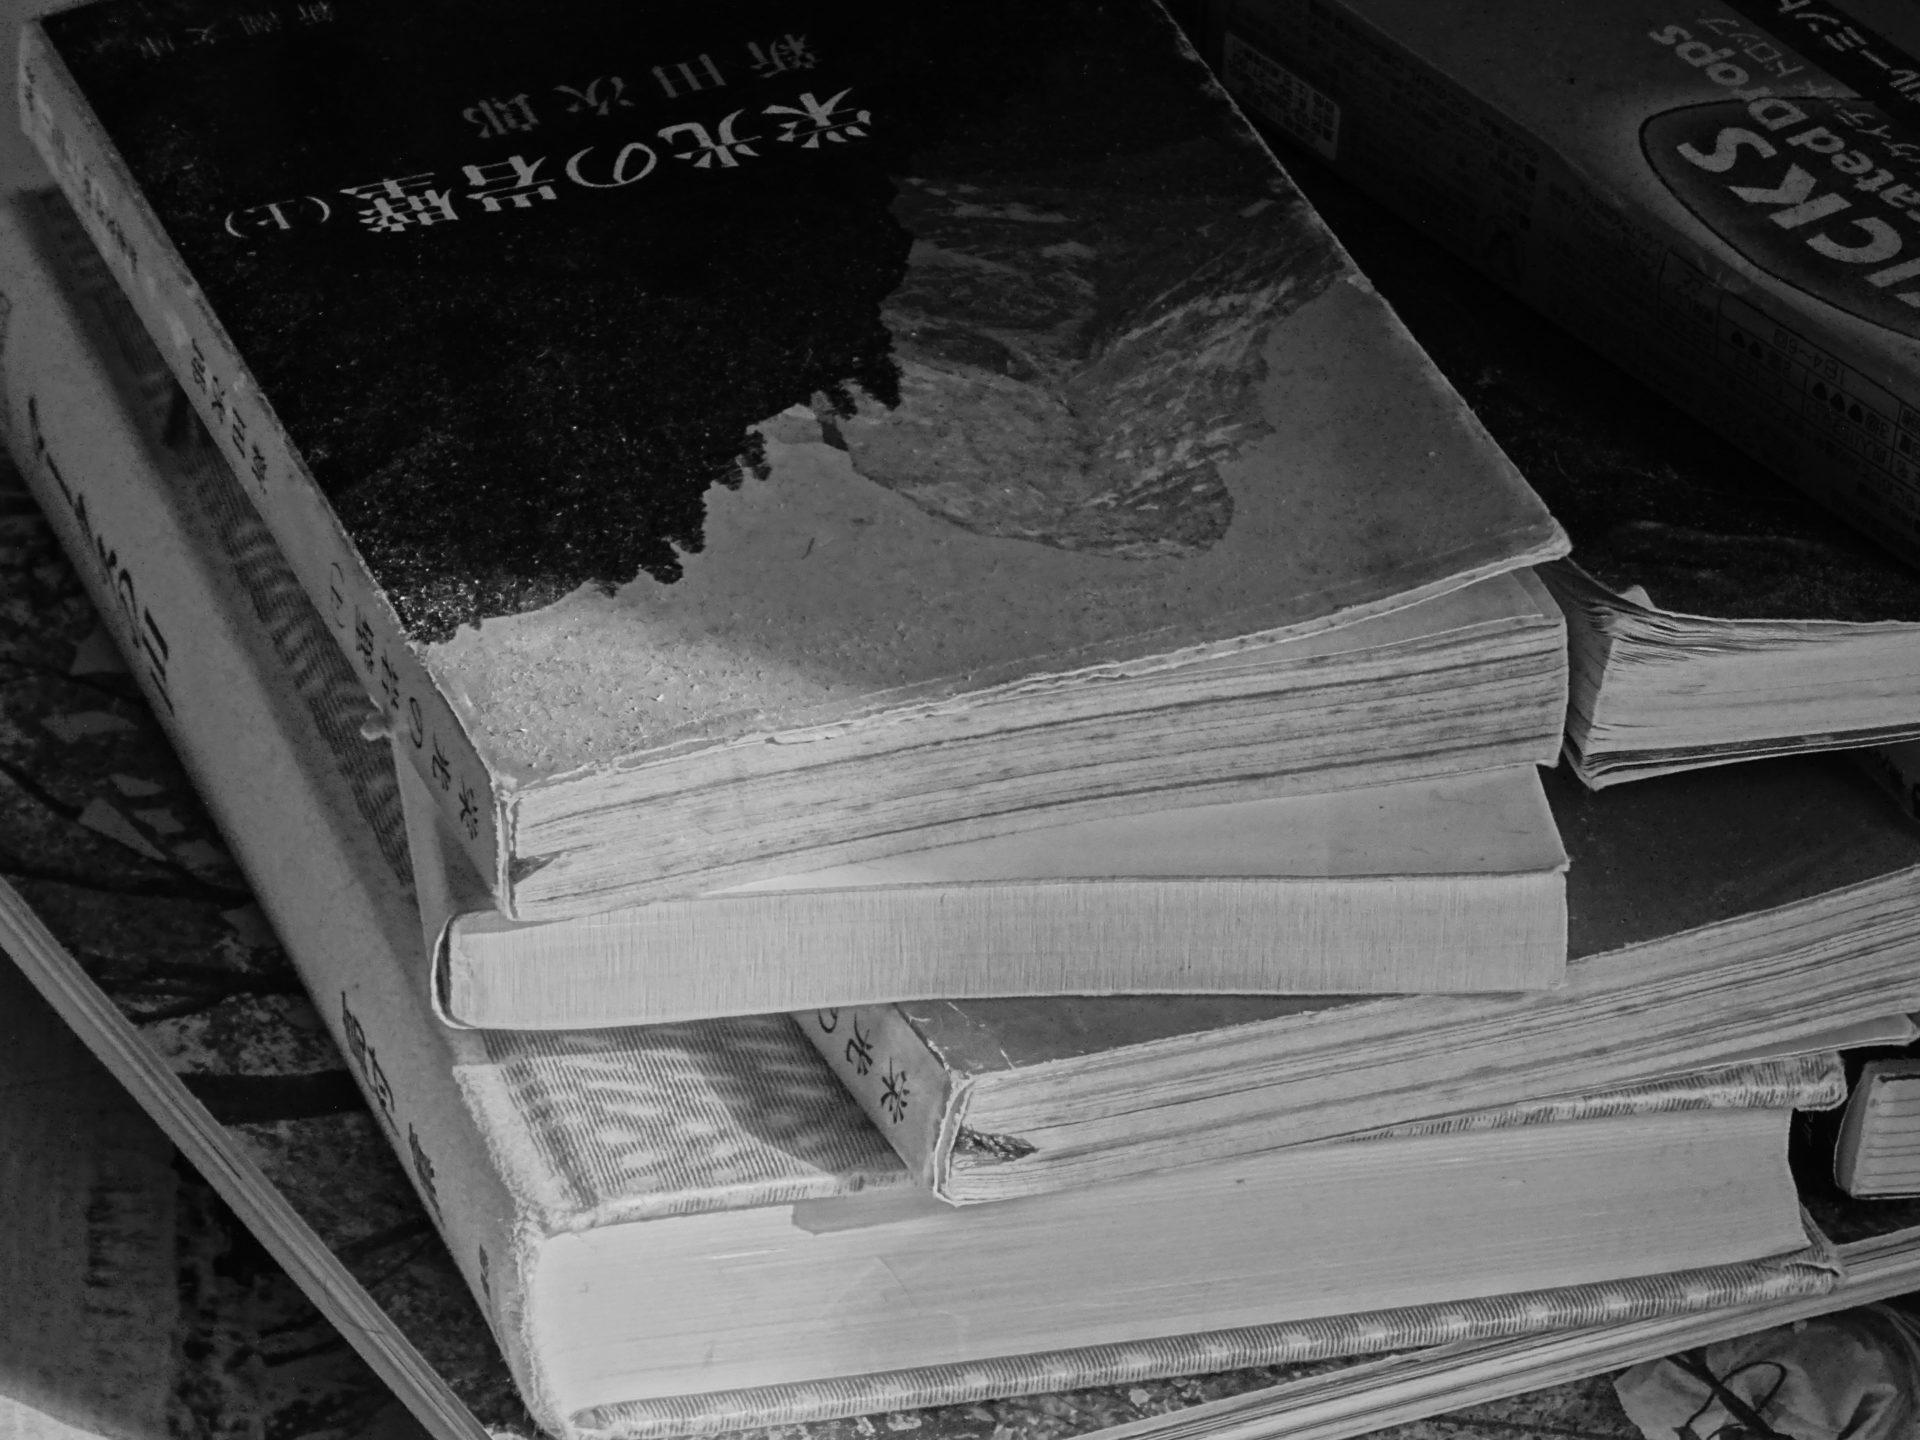 古い本を整理してみた